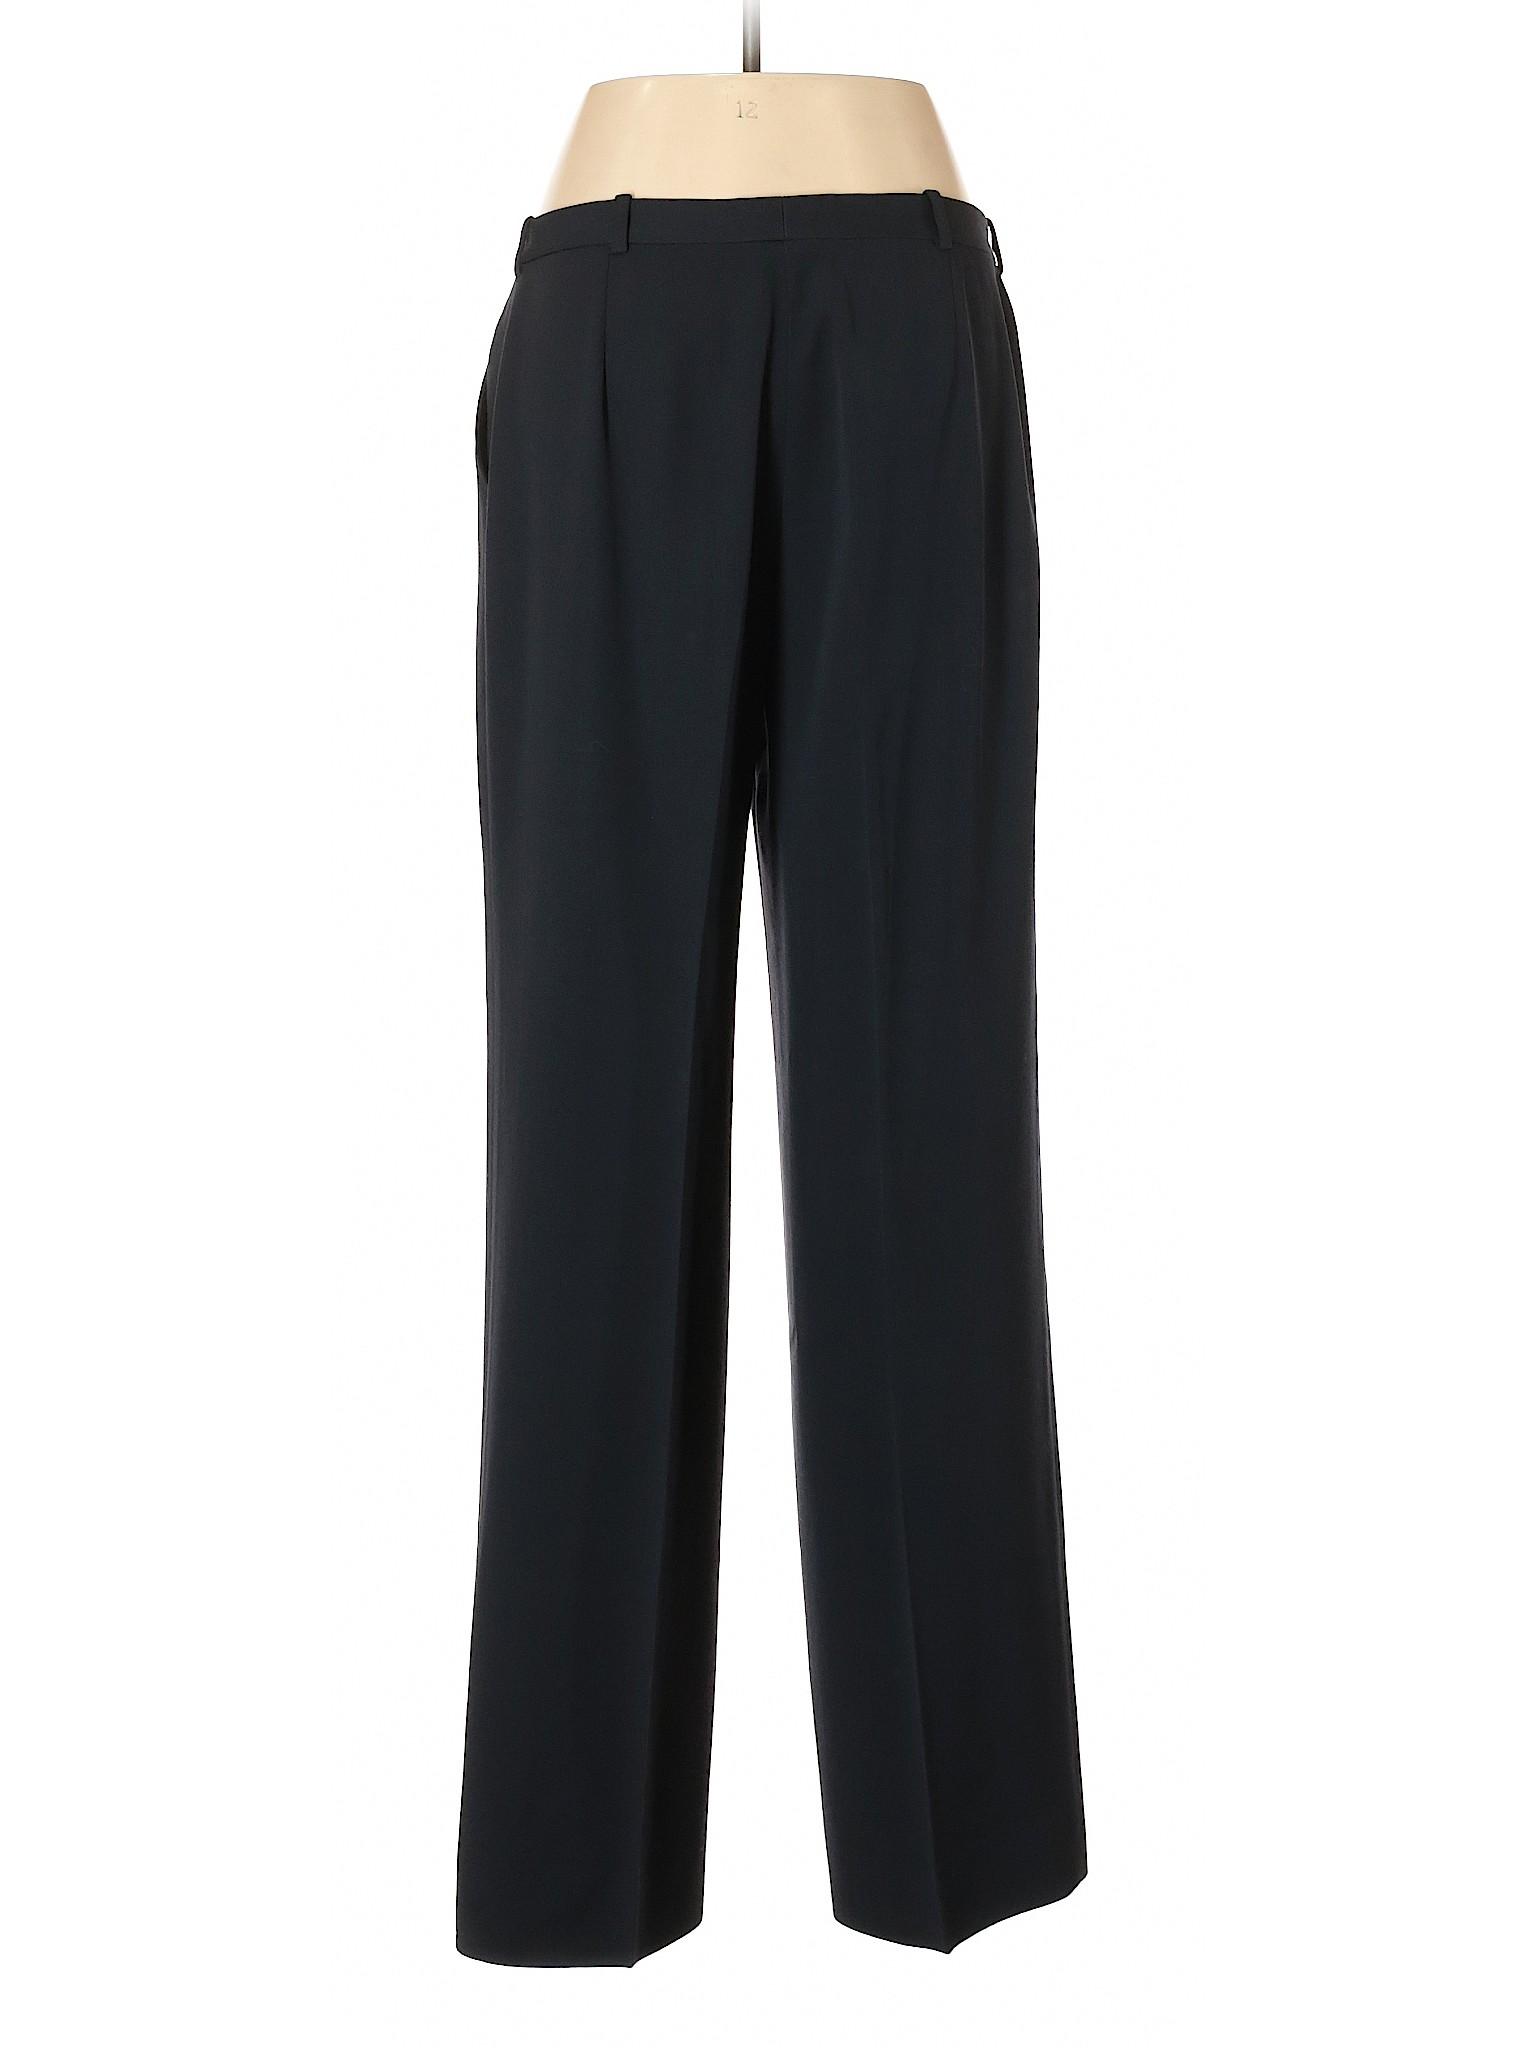 Collezioni Armani Pants Dress leisure Boutique FaHqvZ0